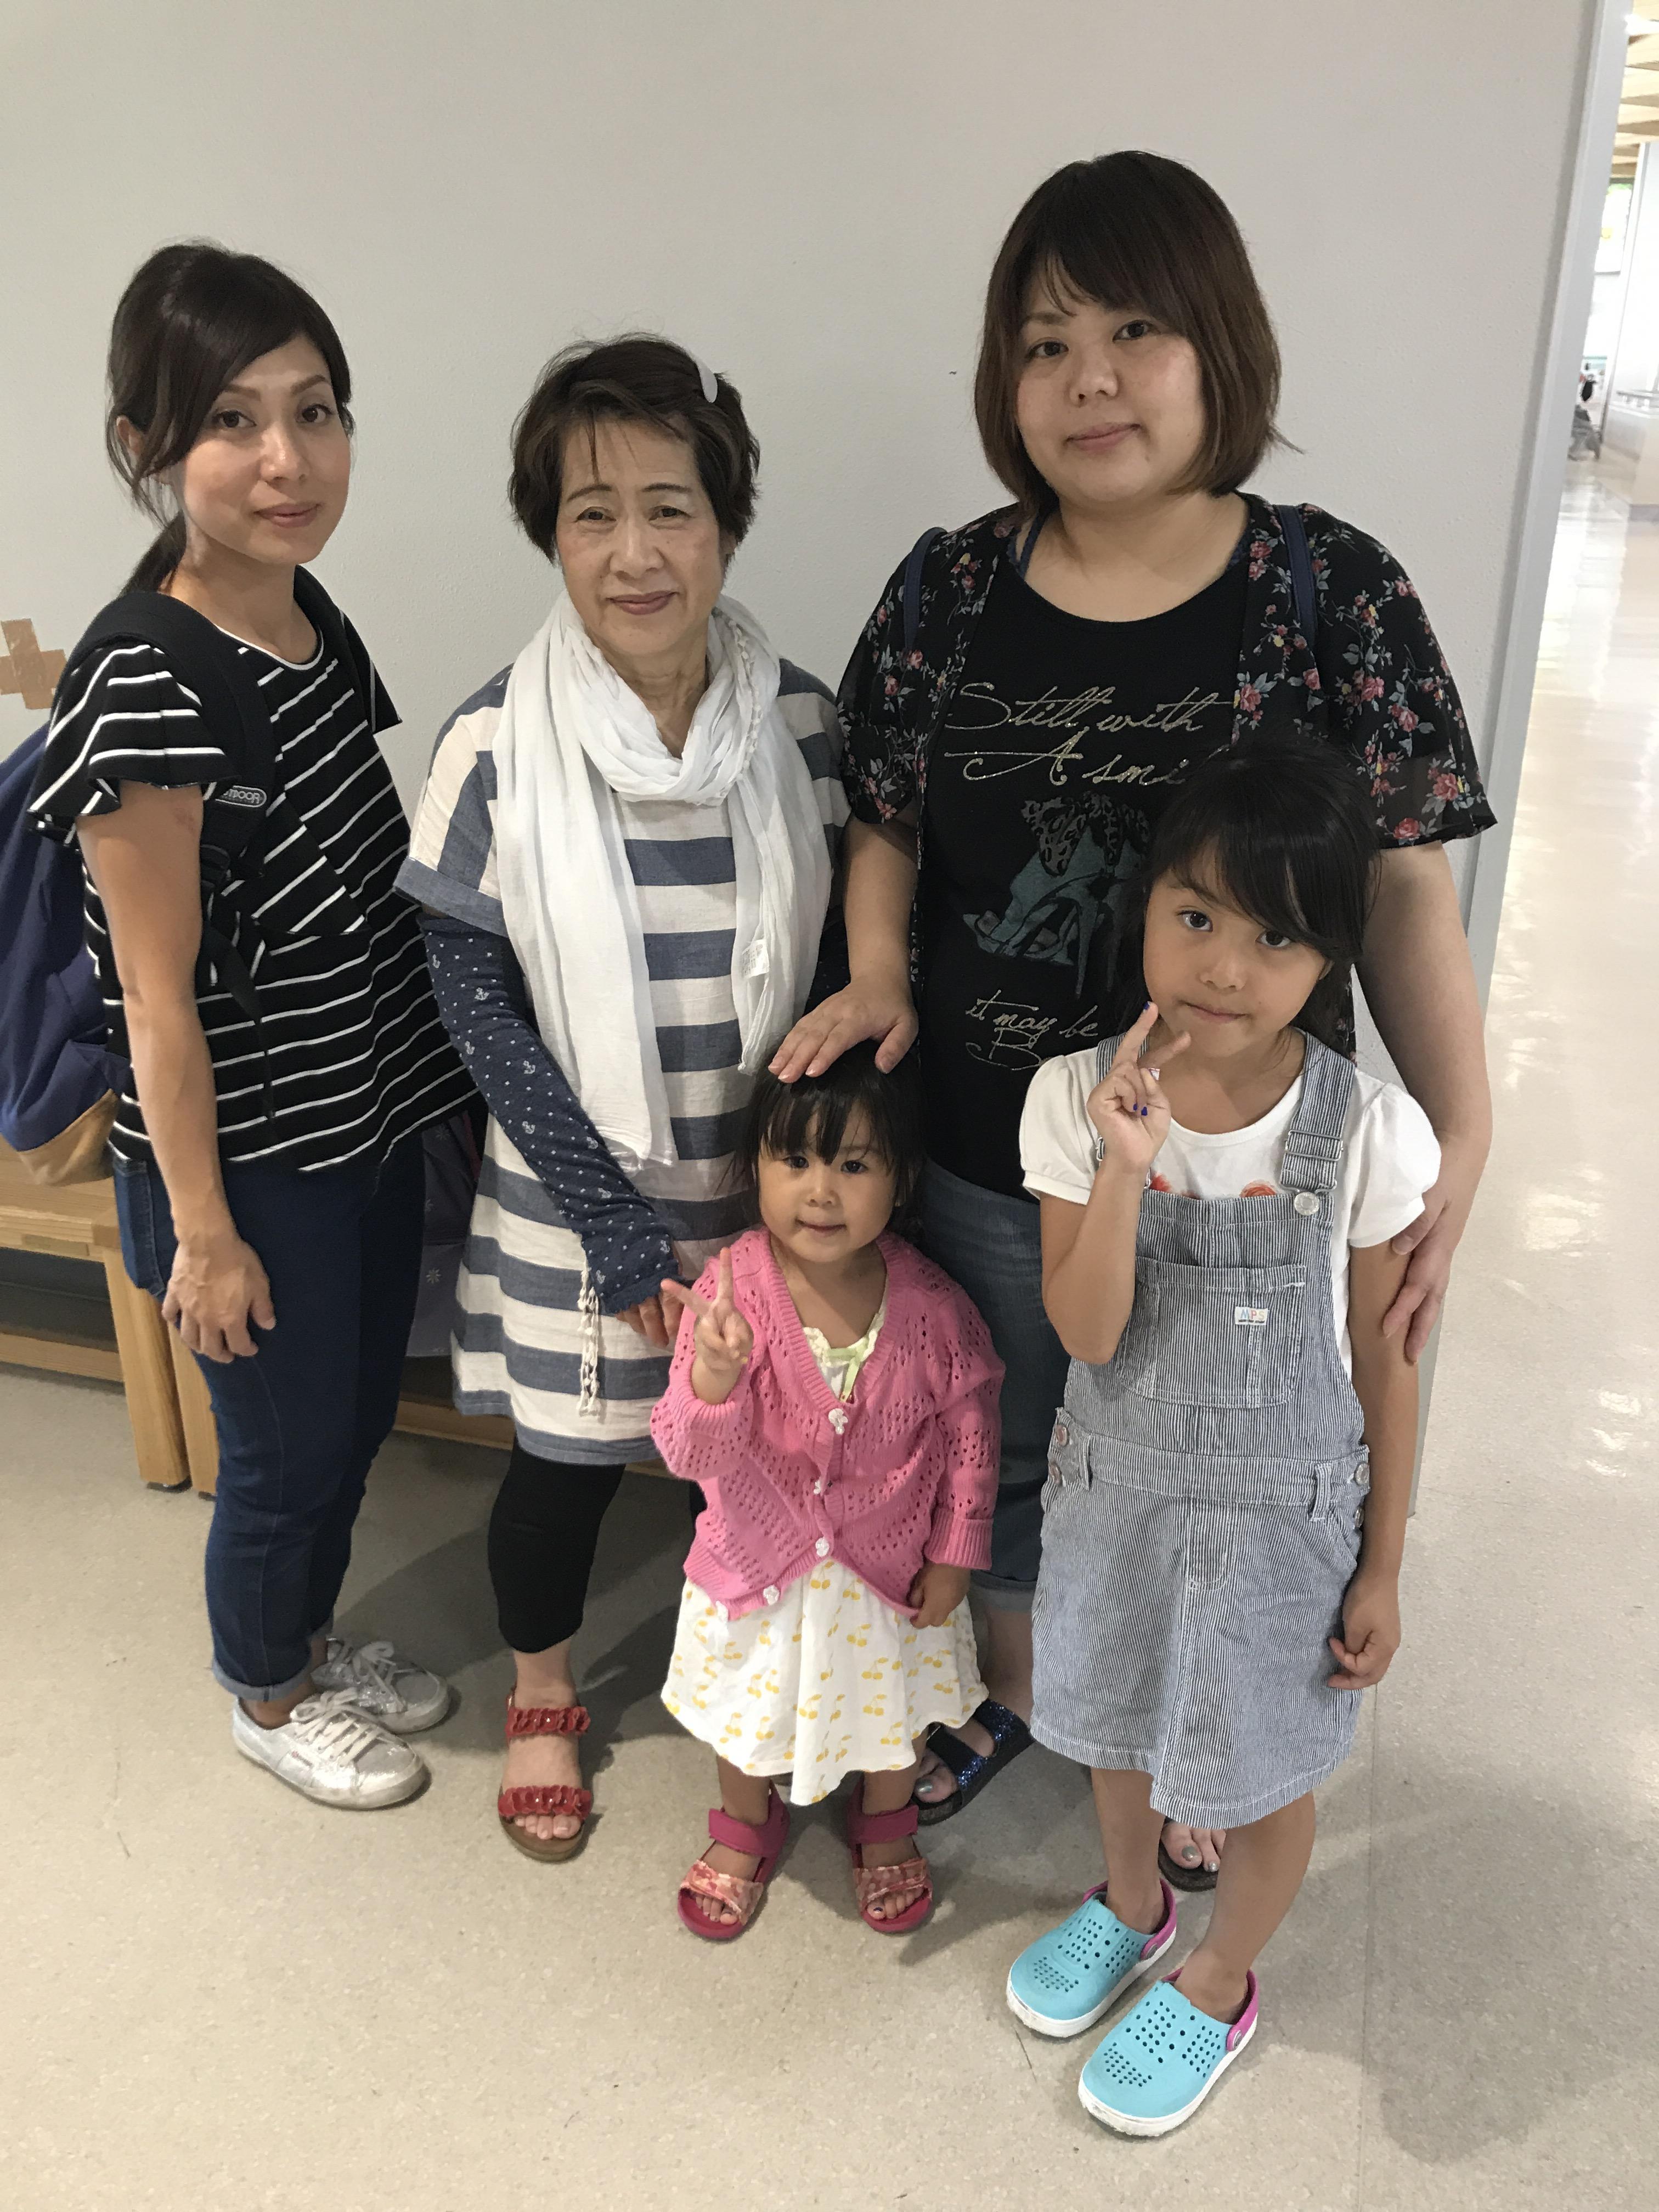 いよいよ東京に戻ります。両親、妹に本当に感謝感謝の熊本帰省でした!